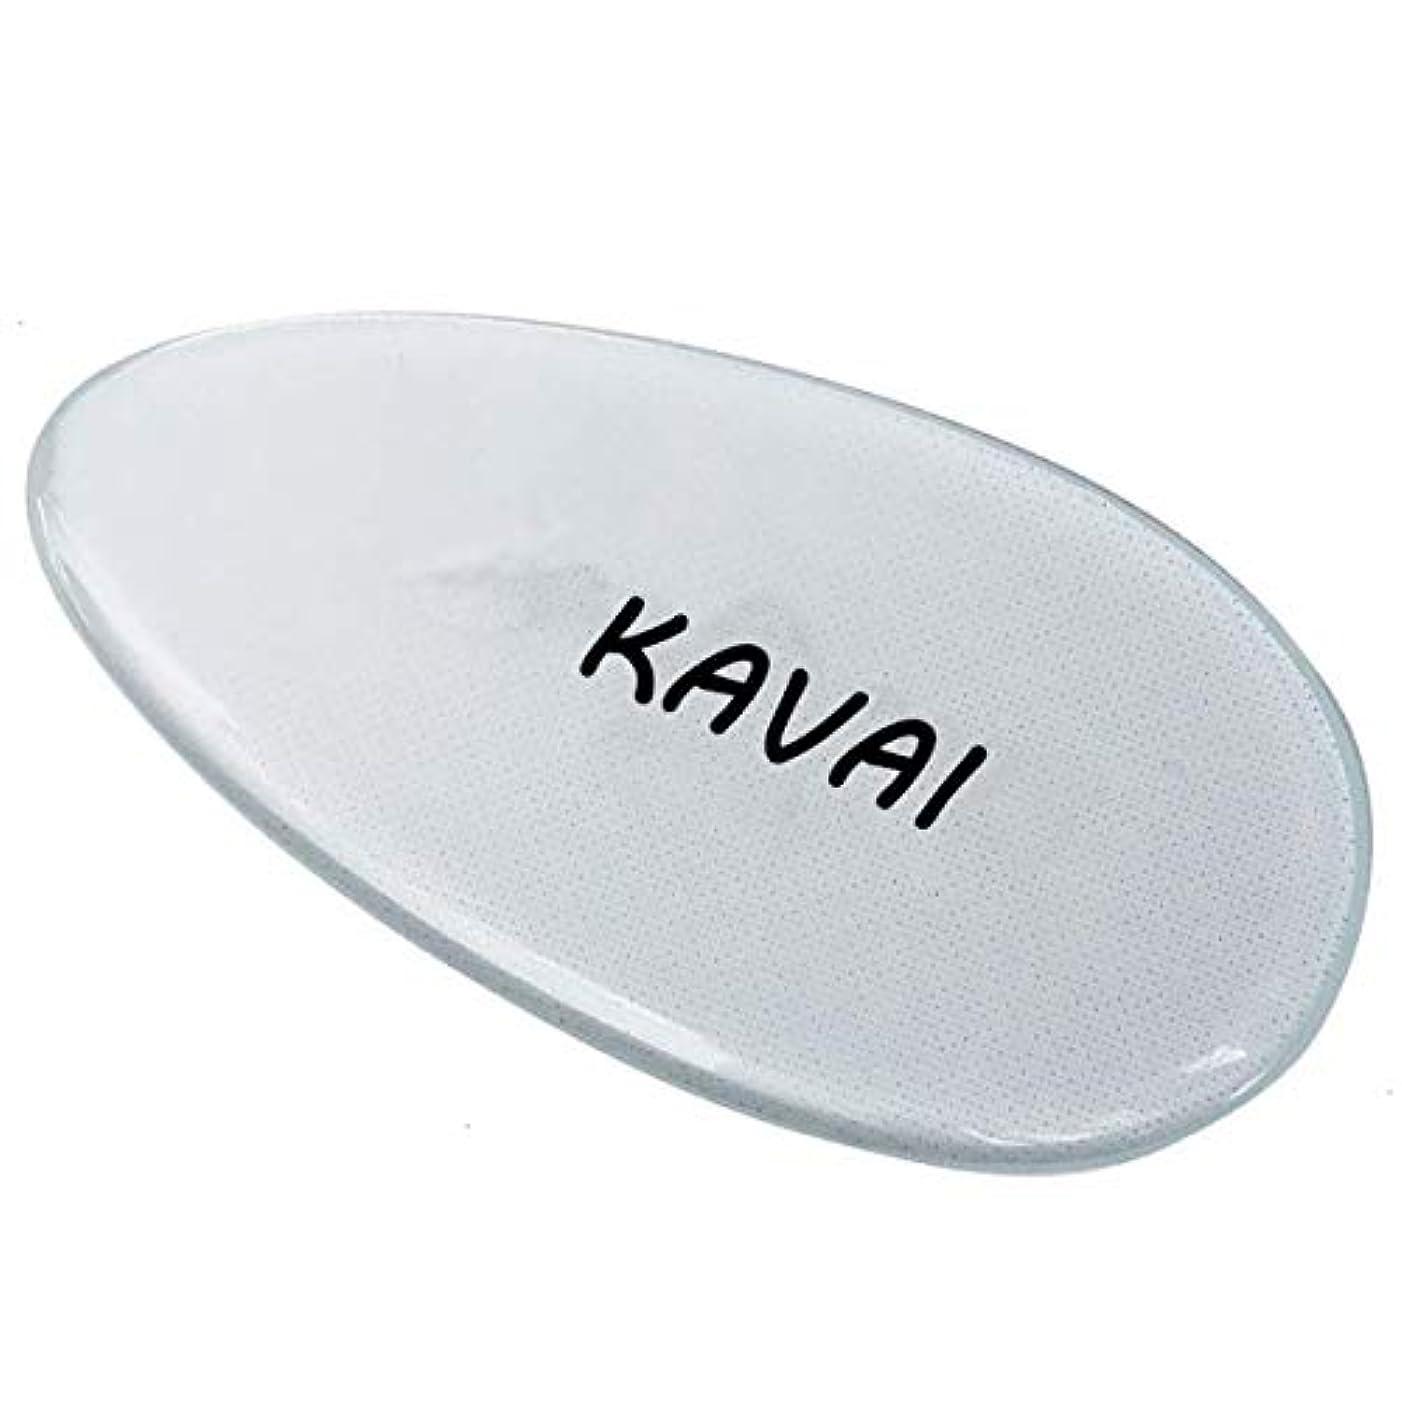 アイデアながらポールKavai かかと削り, かかと 角質取り ガラス, ガラス製かかとやすり 足 かかと削り かかと削り かかと磨き ガラス製 爪やすり (かかと削り)